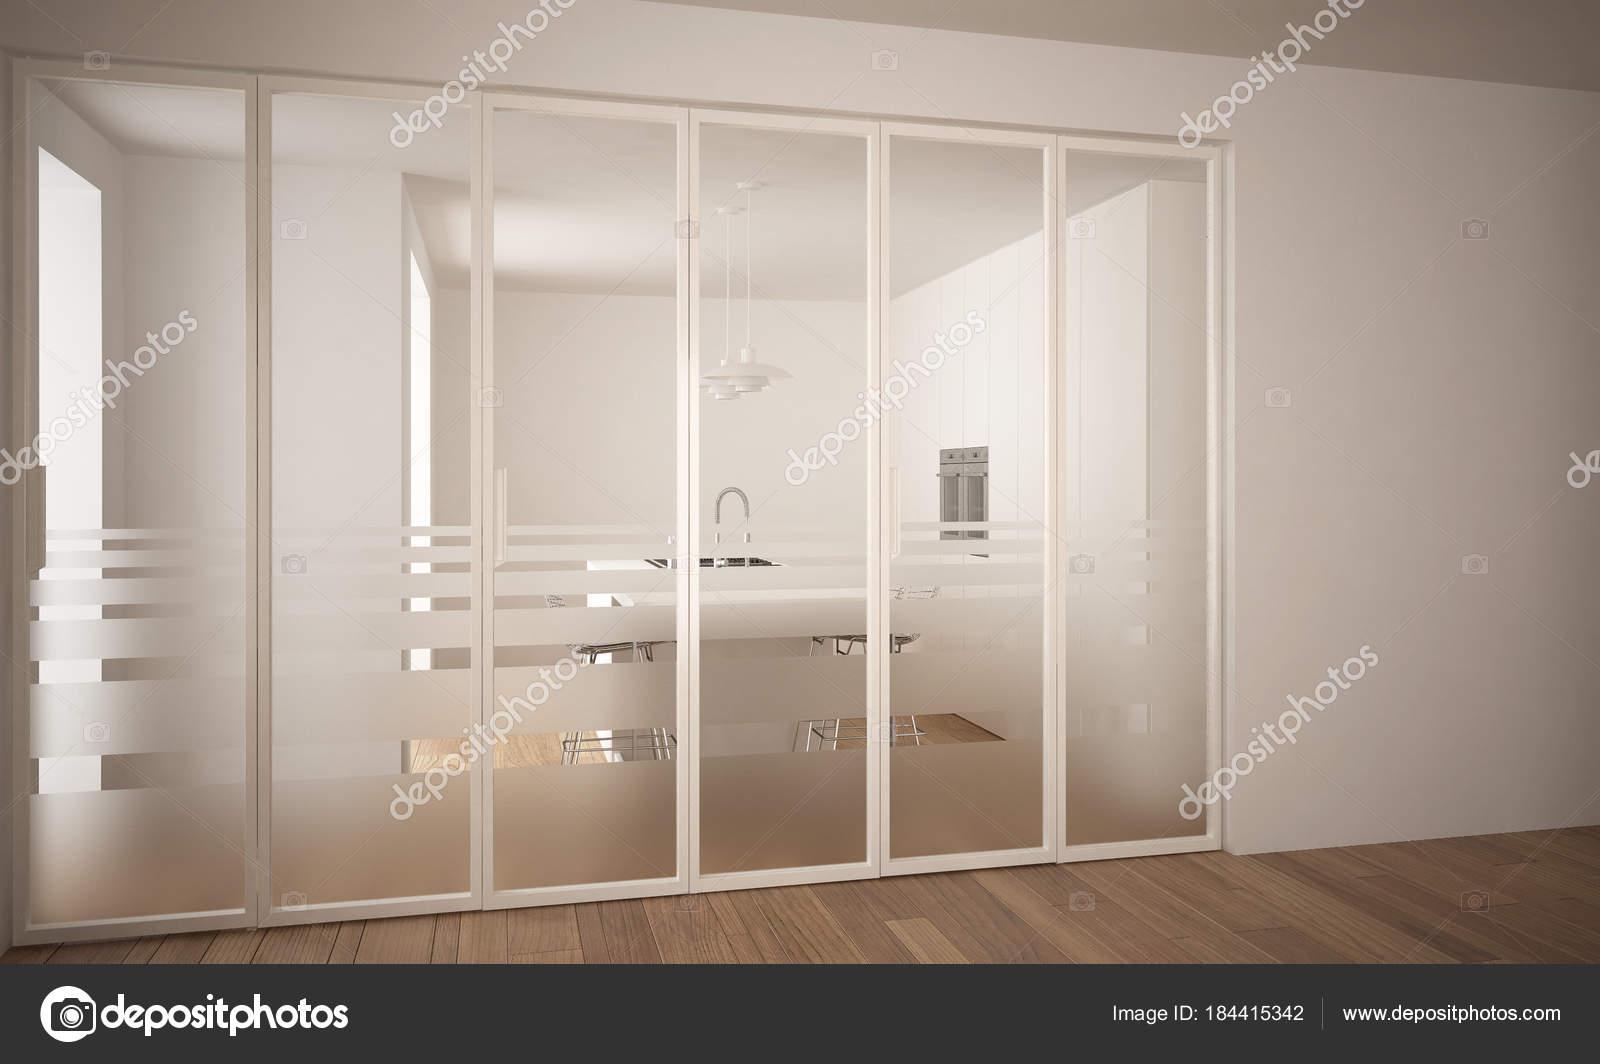 Moderne Schiebetür mit Küche im Hintergrund, weiße minimal ...